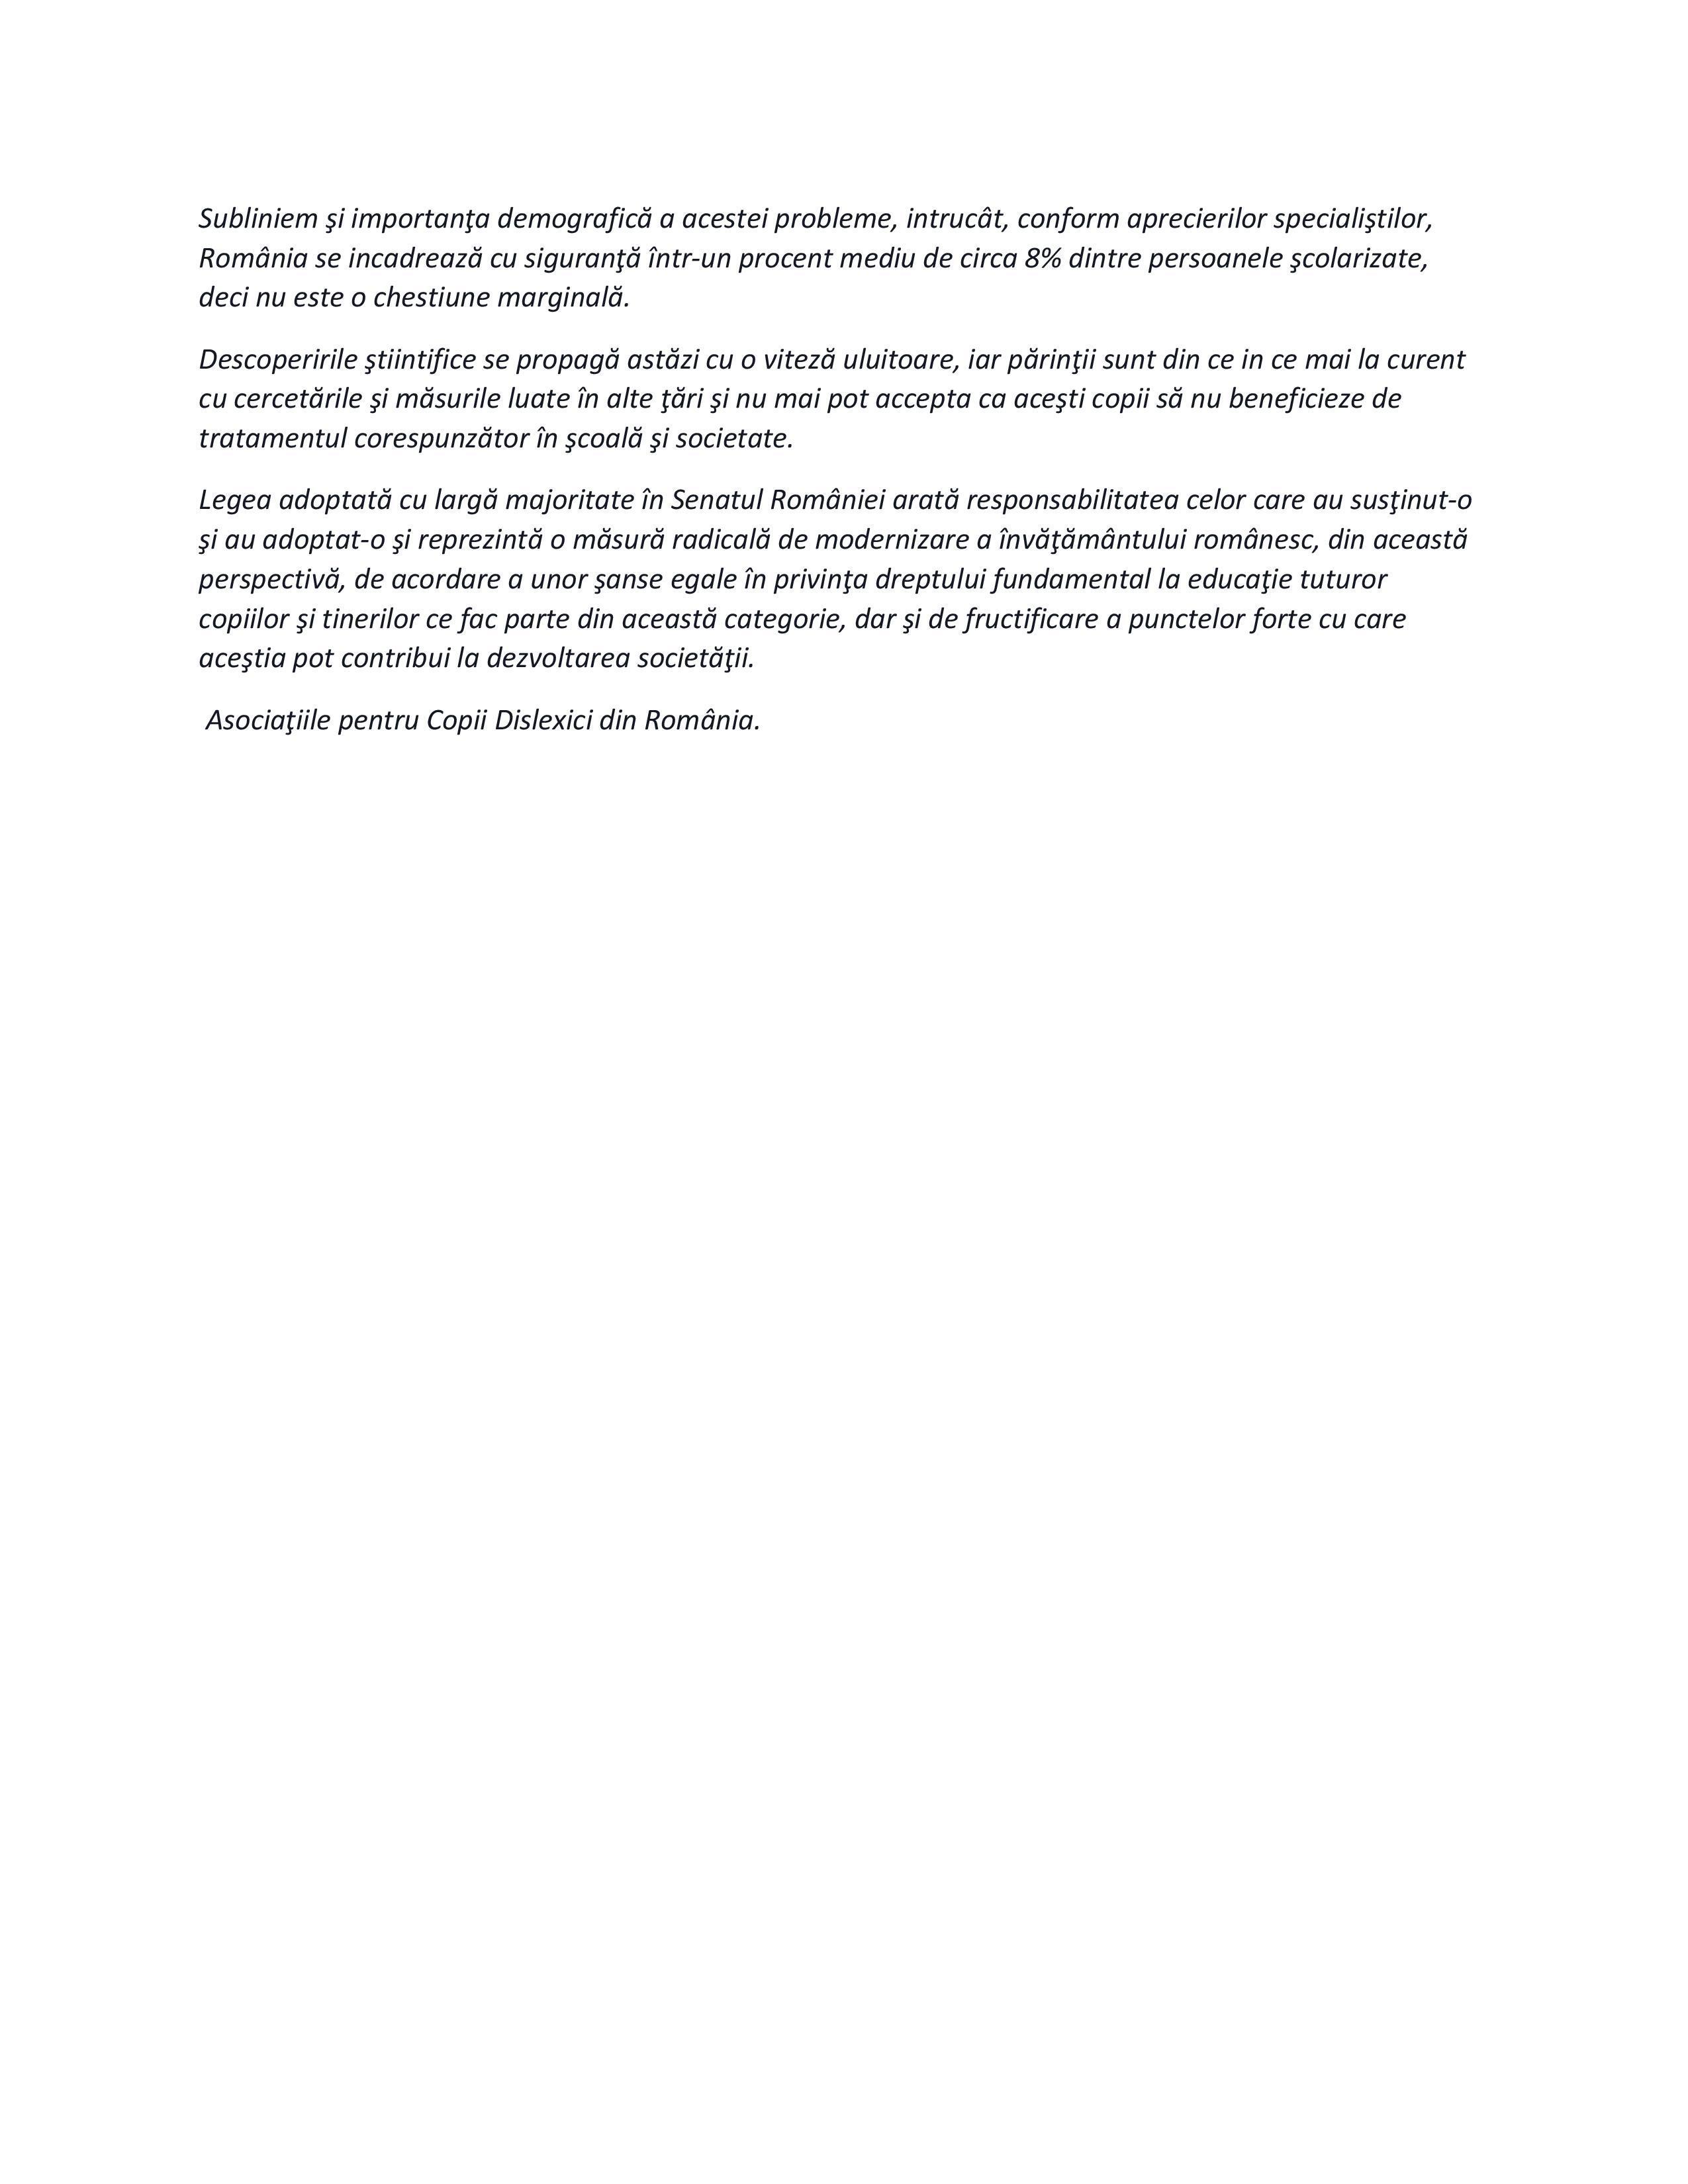 Comunicat-page-005